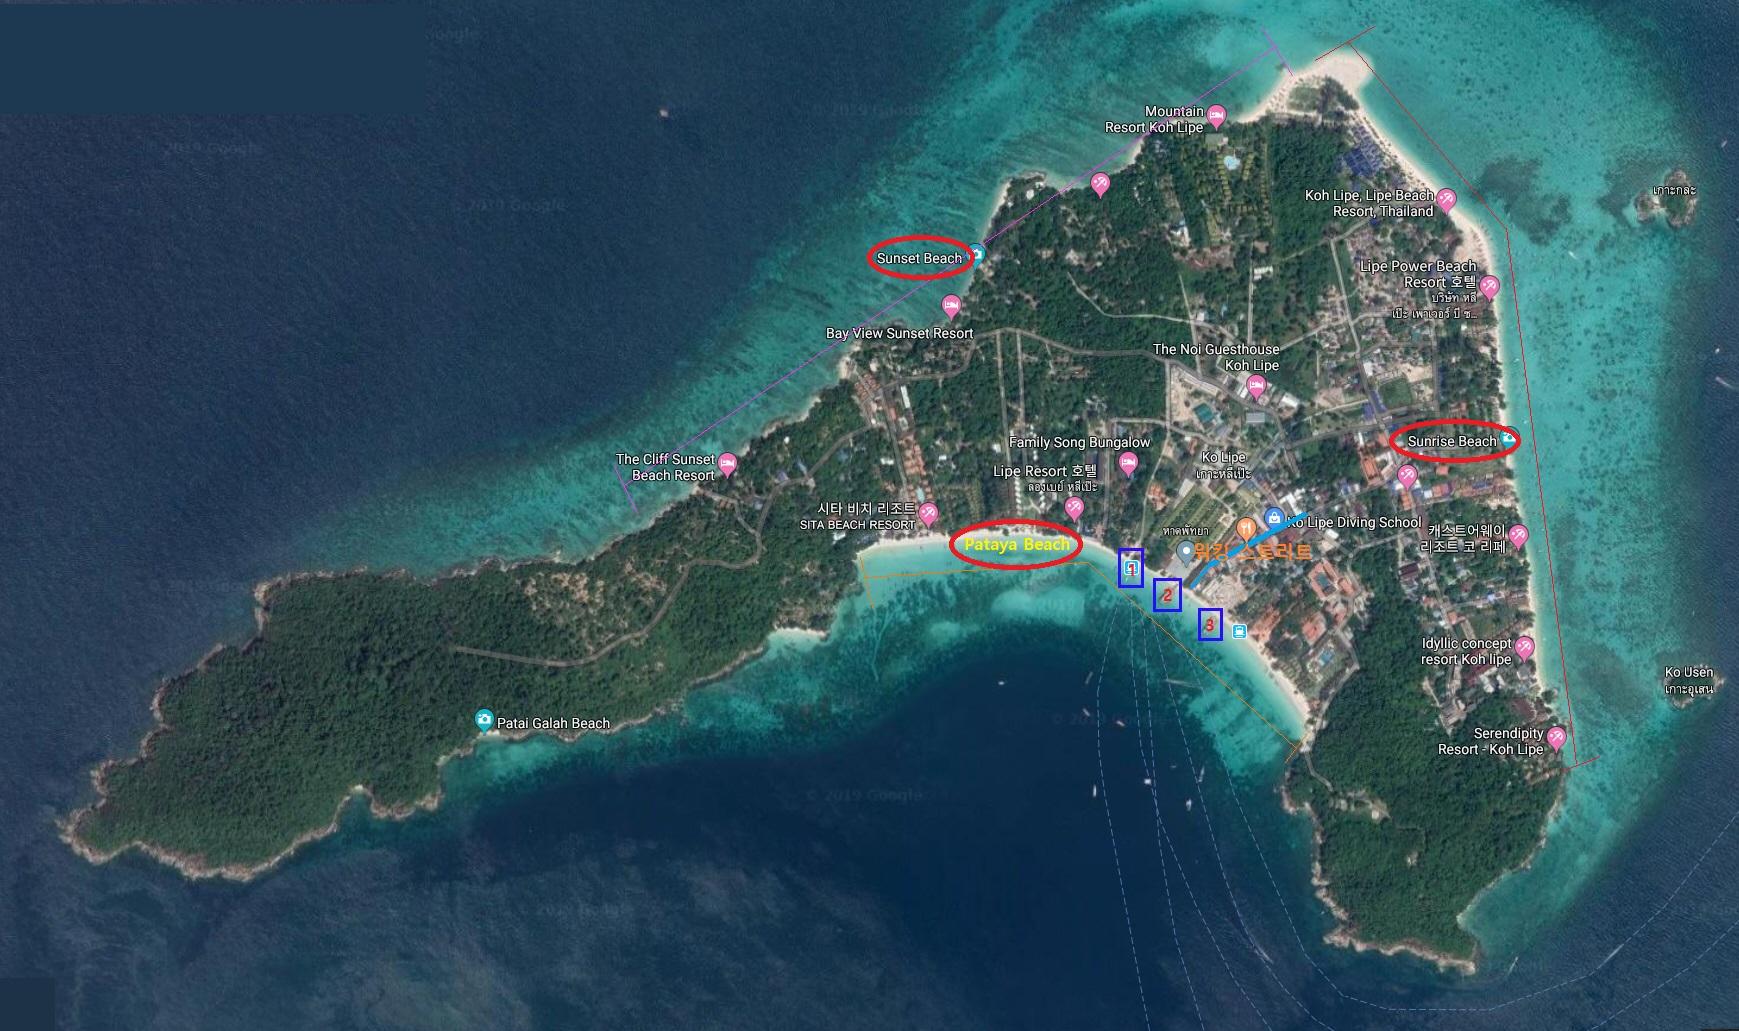 [다섯번째 나홀로 여행 11탄] 꼬리뻬(Koh Lipe) 집중탐구 <전편>